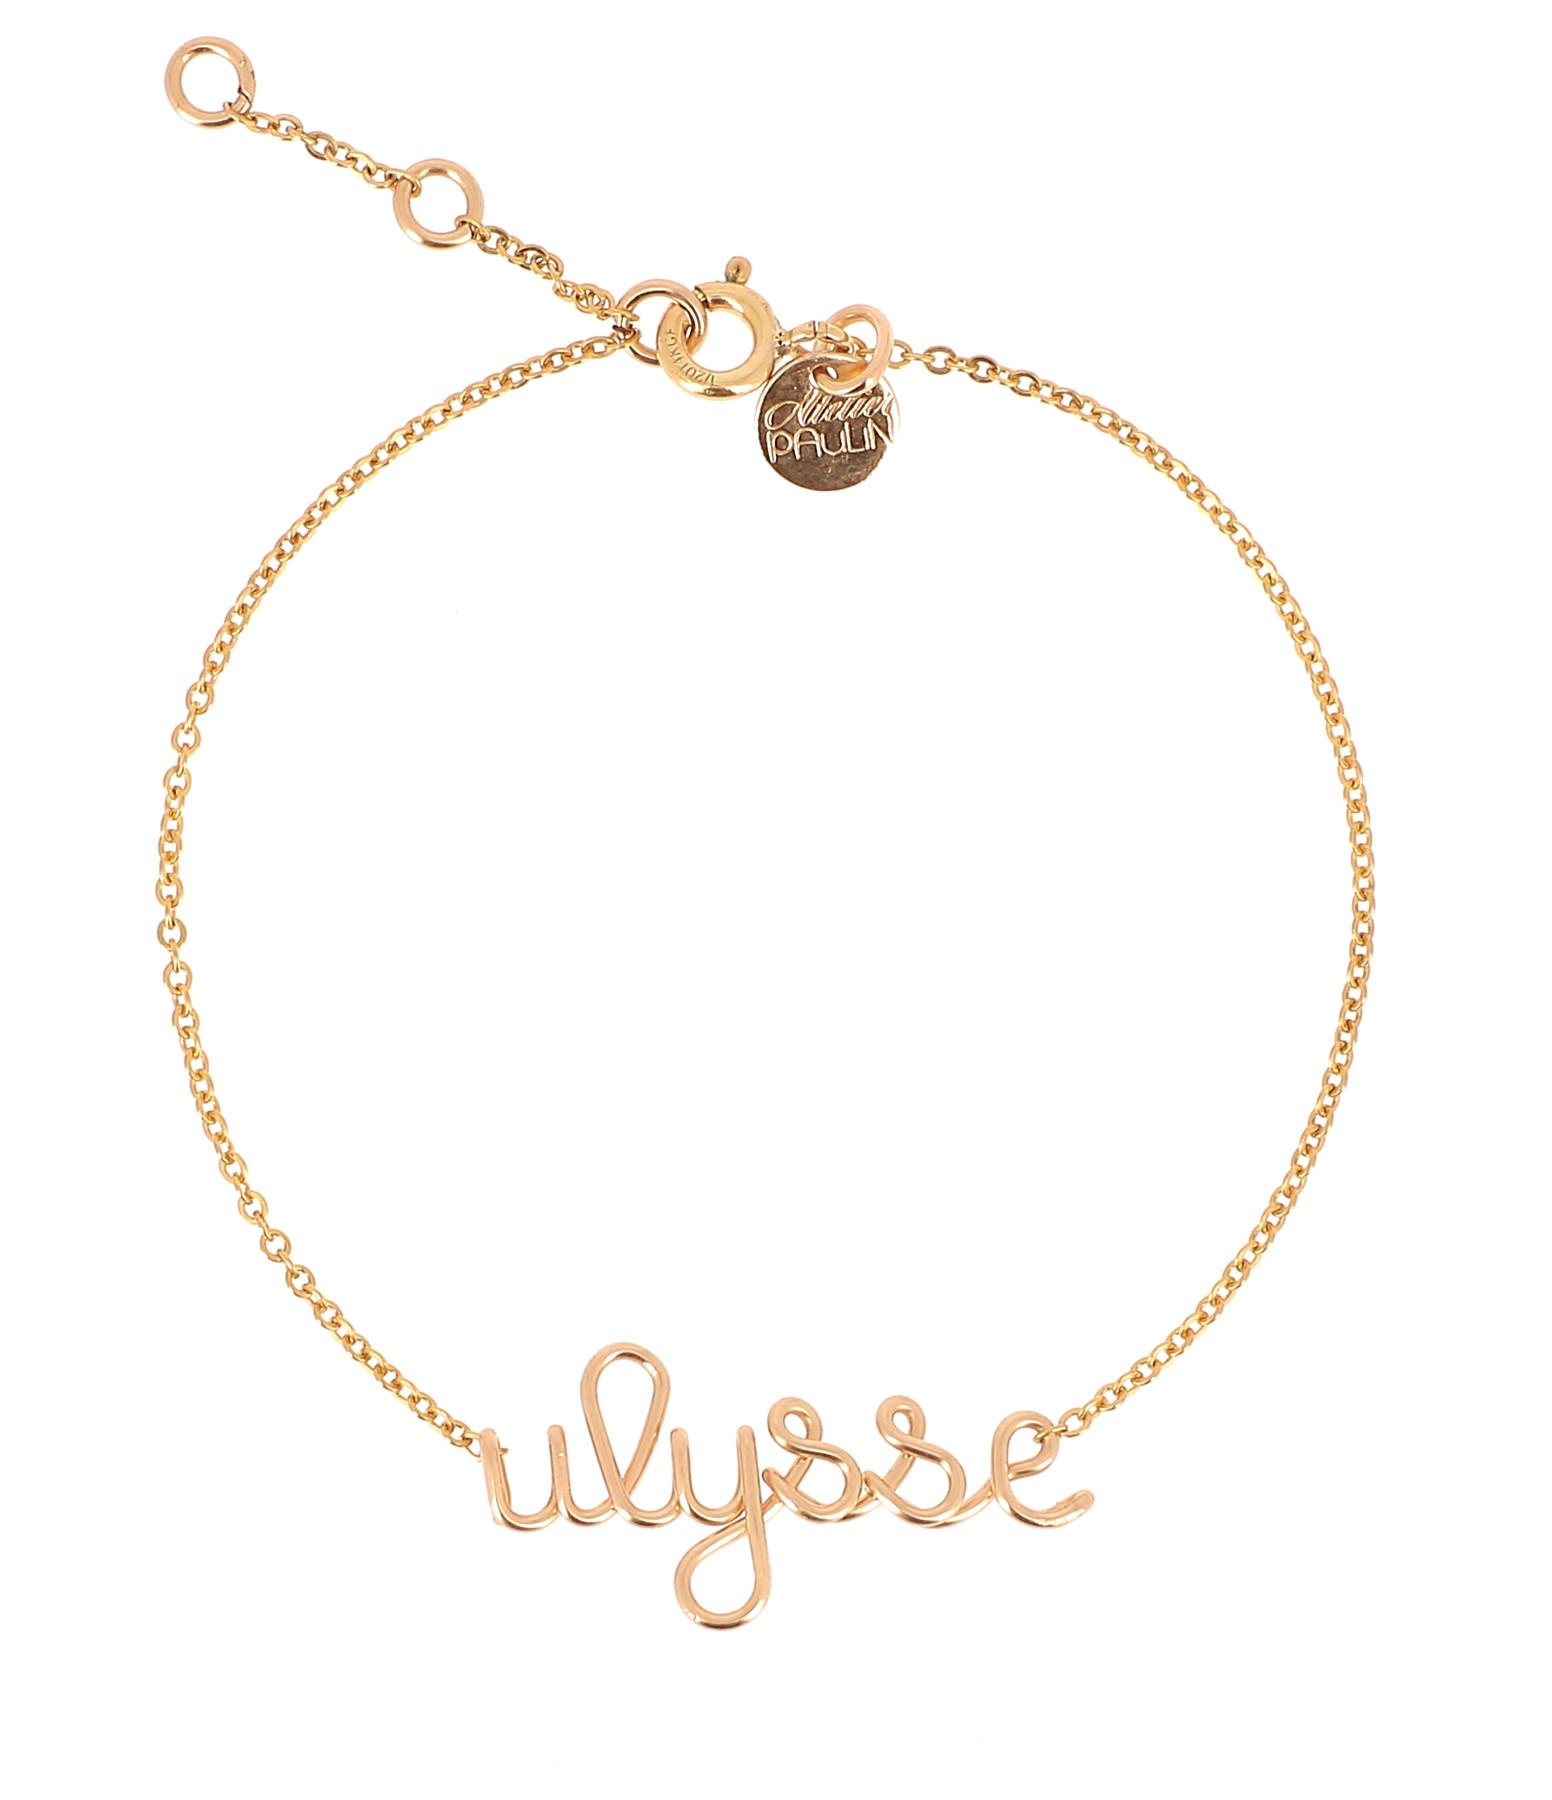 ATELIER PAULIN - Bracelet Original Richelieu Personnalisable Gold Filled Or jaune